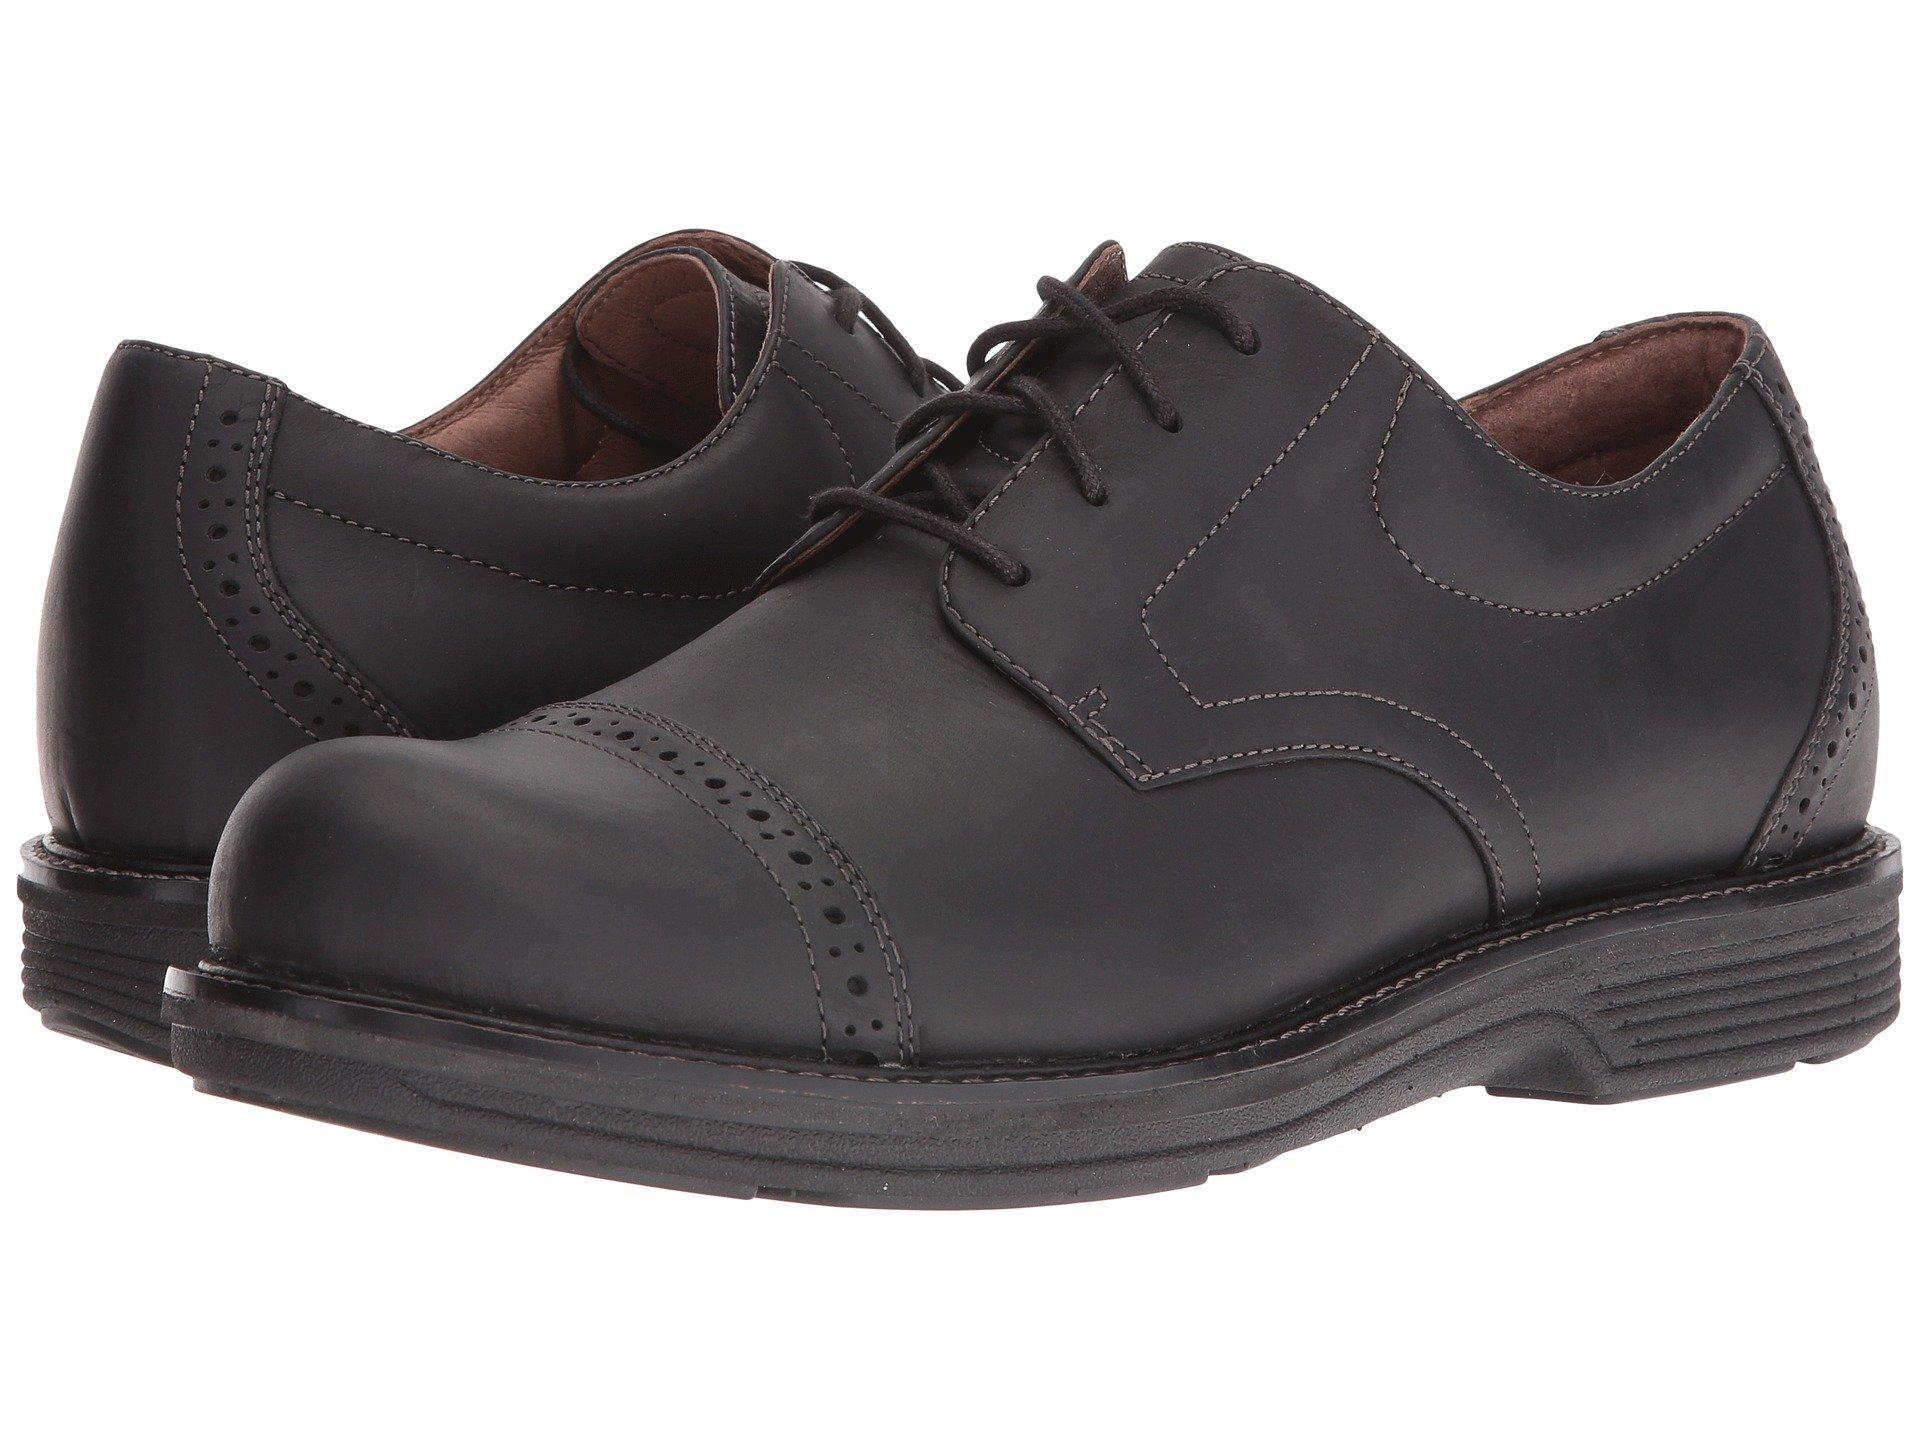 Dansko Leather Justin In Black For Men Save 49 Lyst